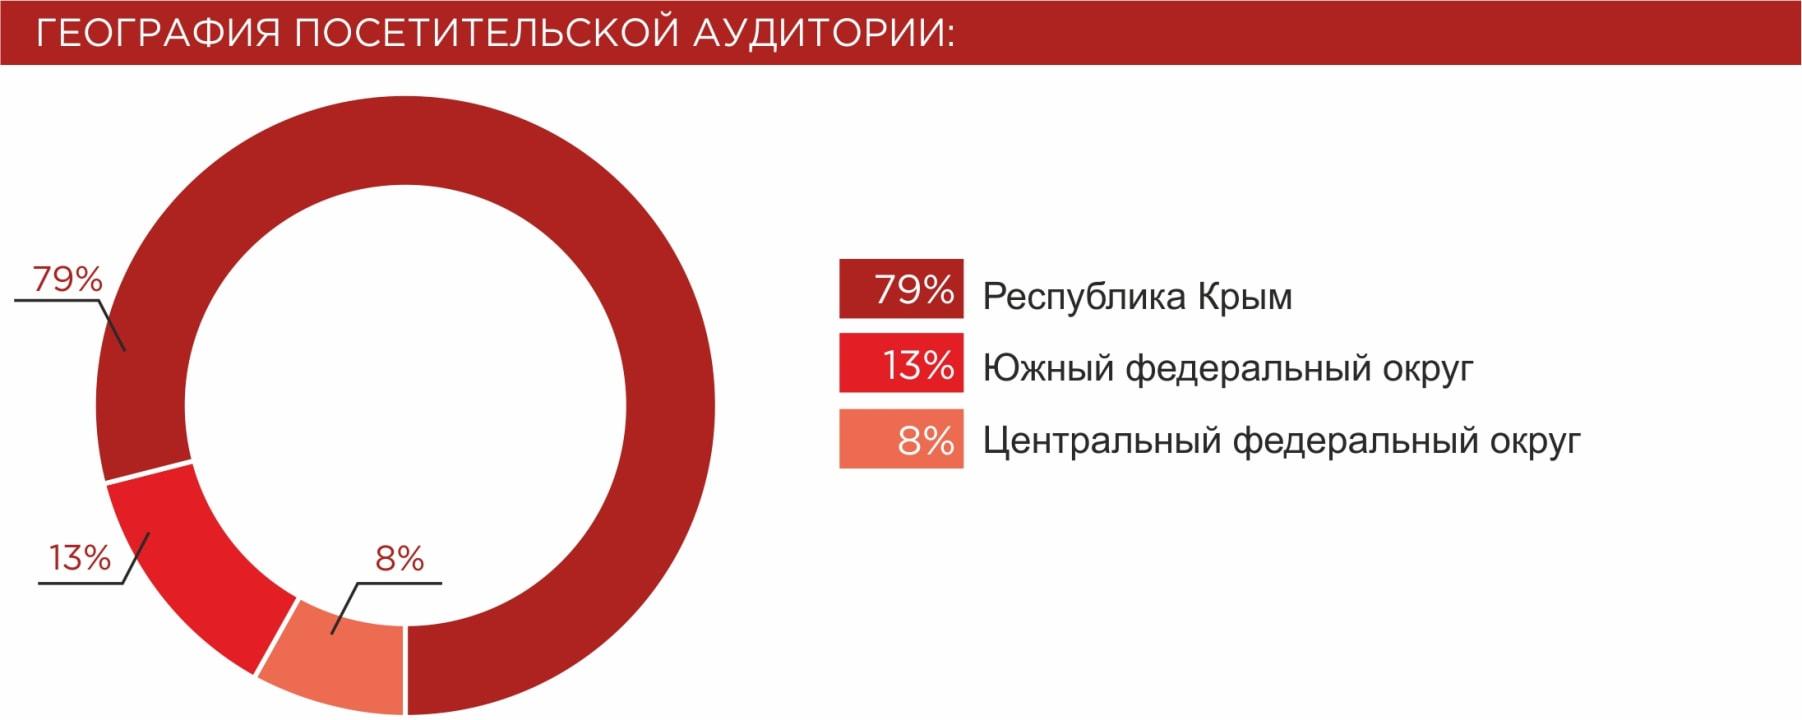 Диаграмма географии посетительской аудитории